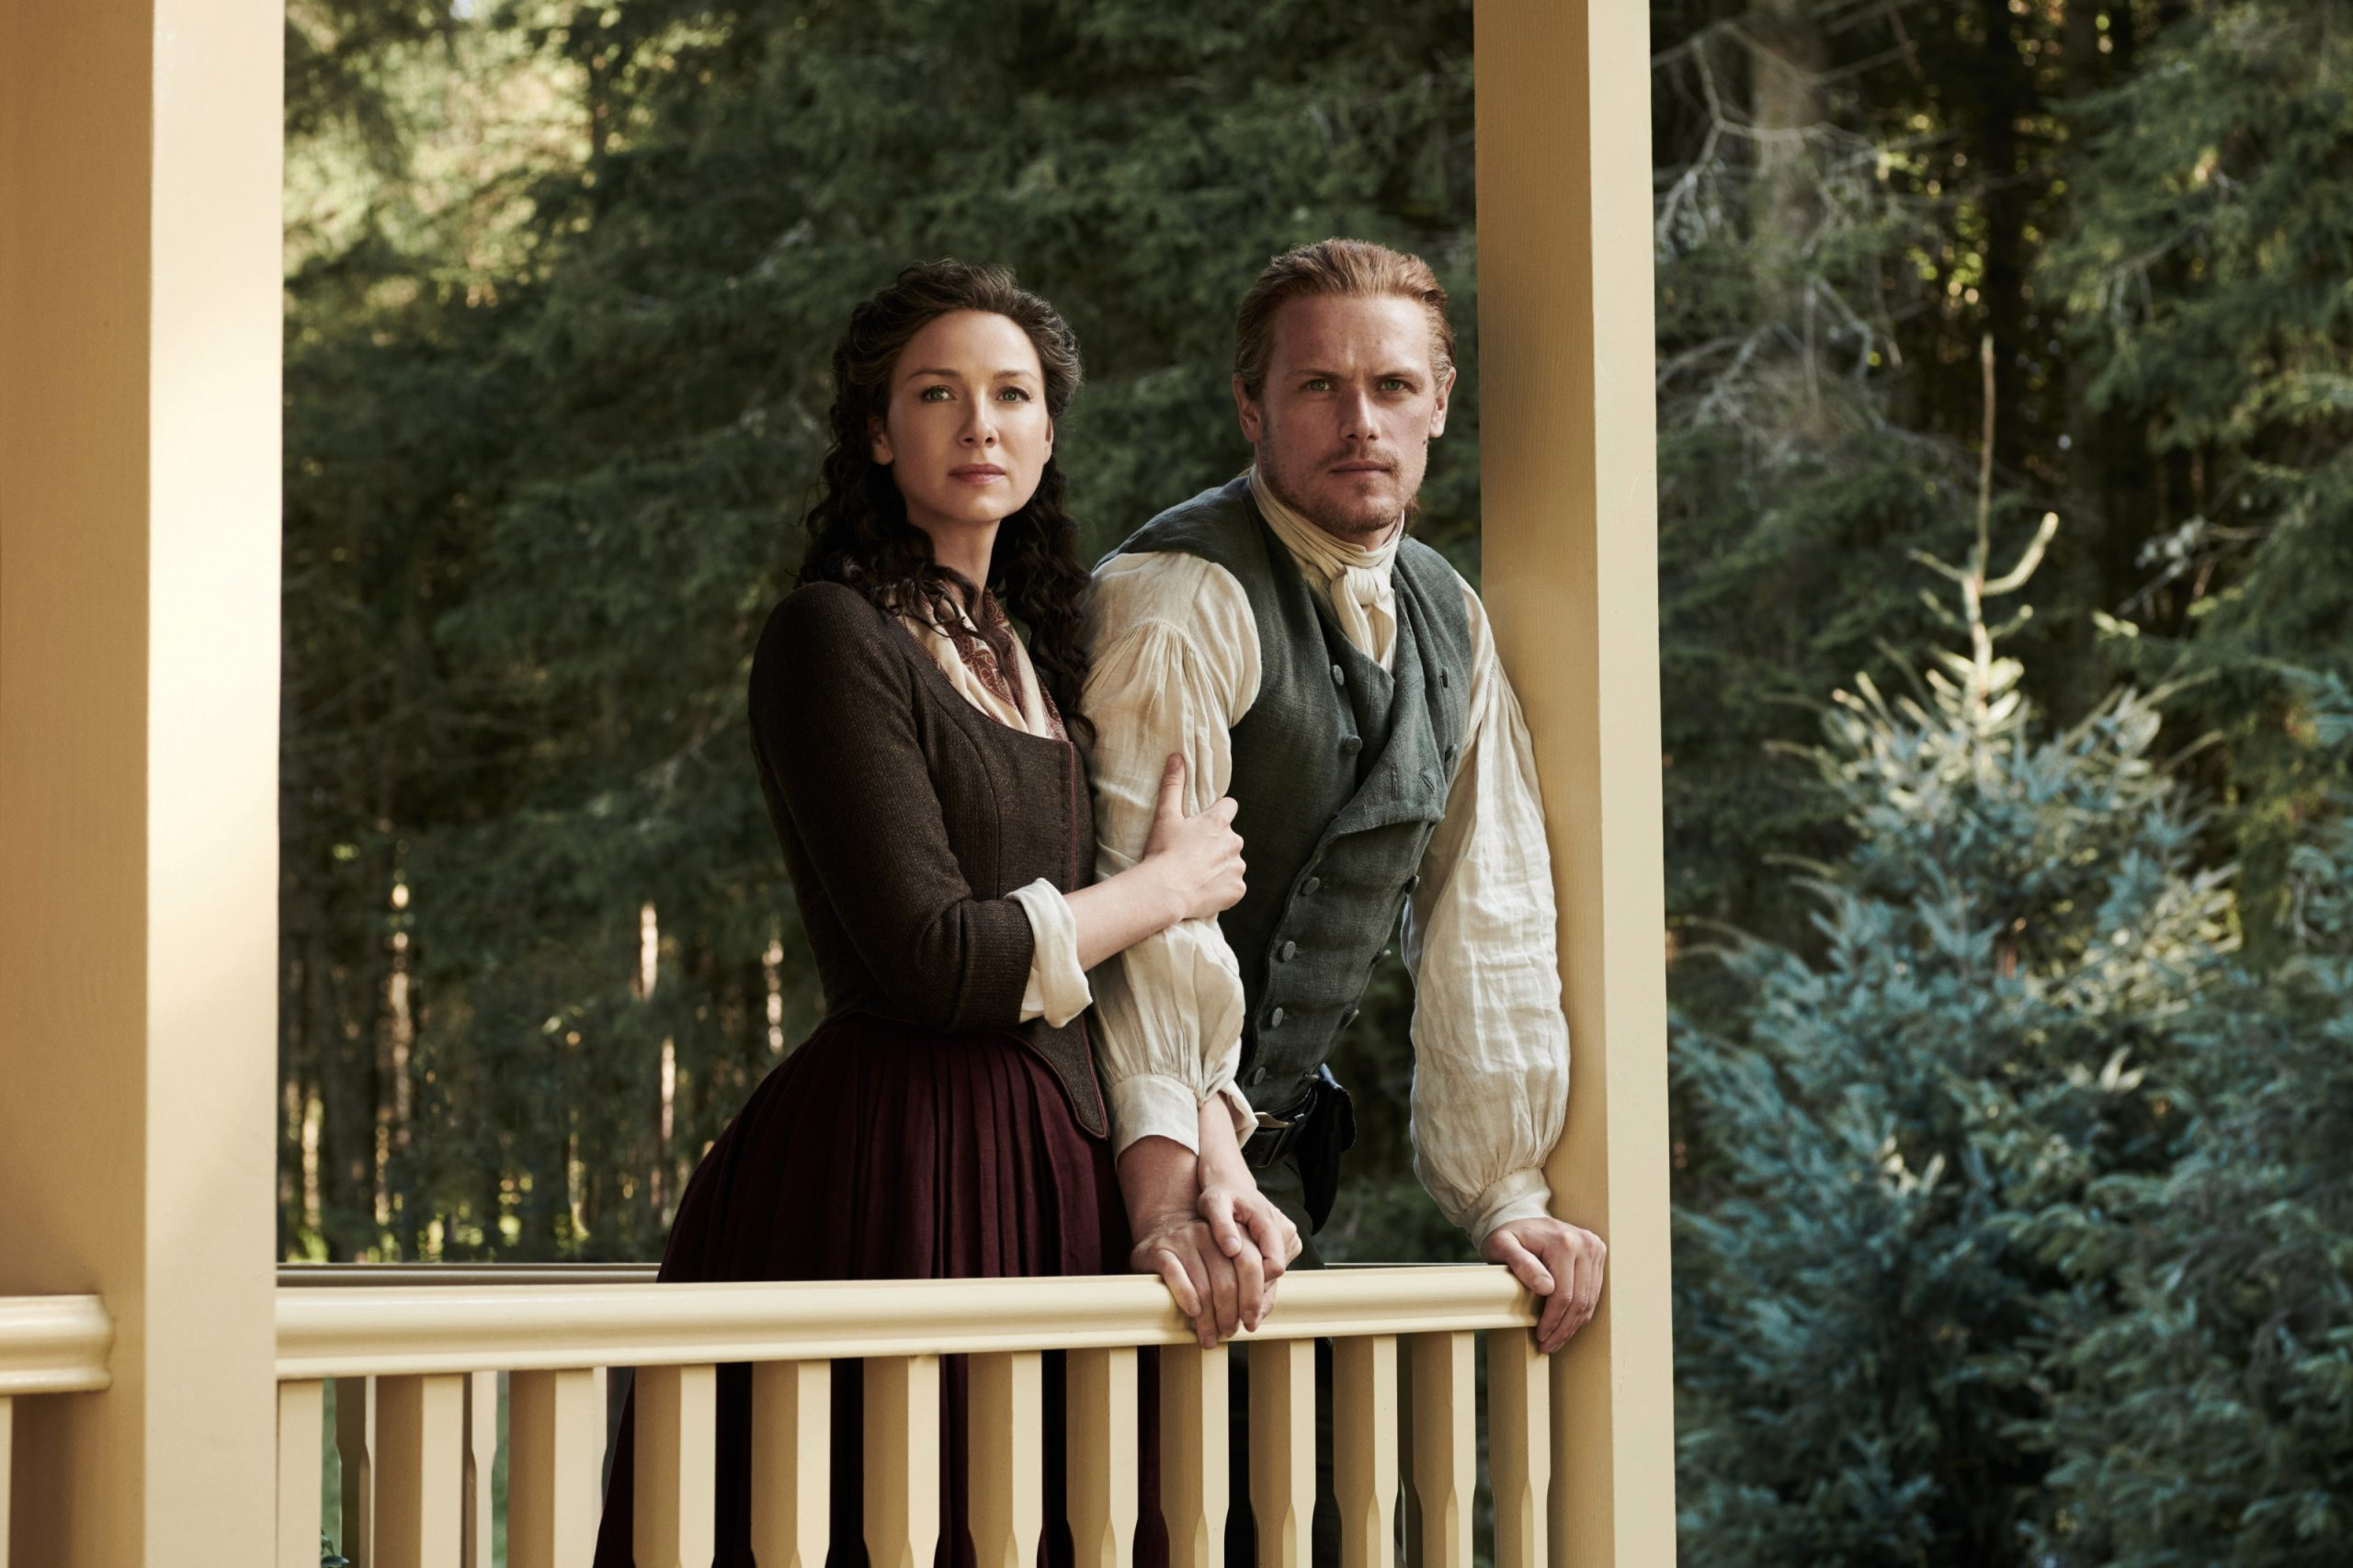 Is Outlander Season 6 Release Date Revealed?